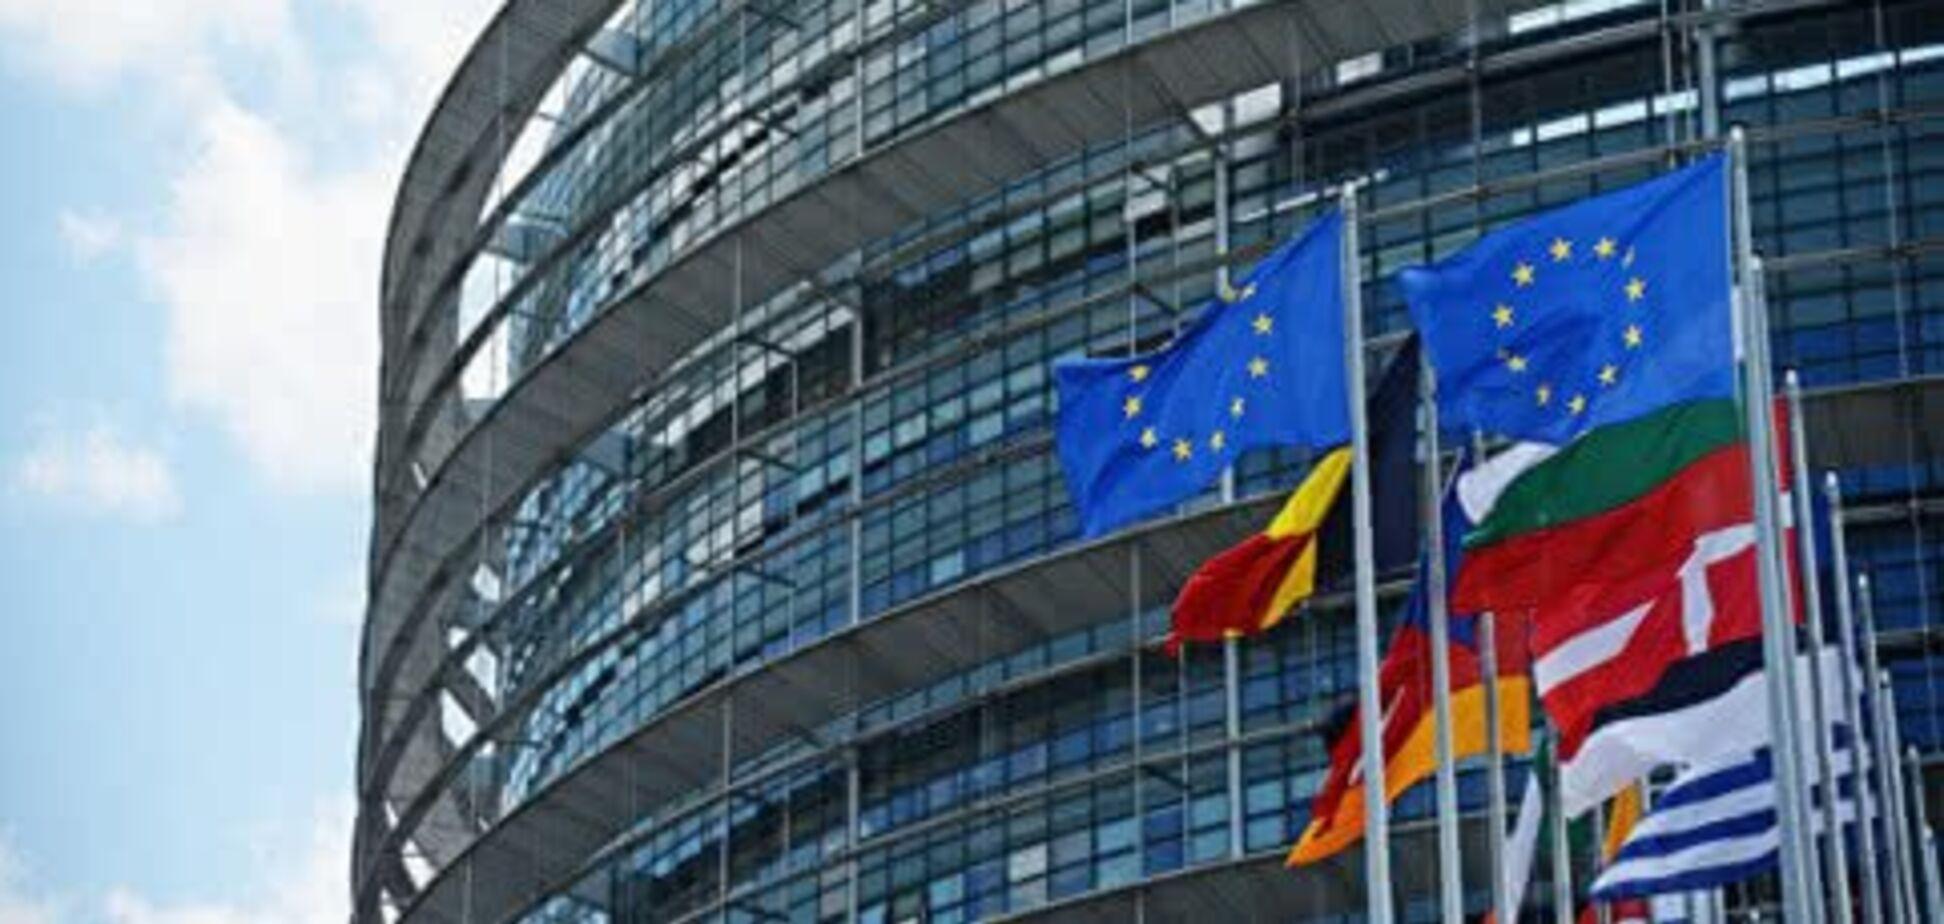 Европа стоит на перепутье: политики хотят раскола